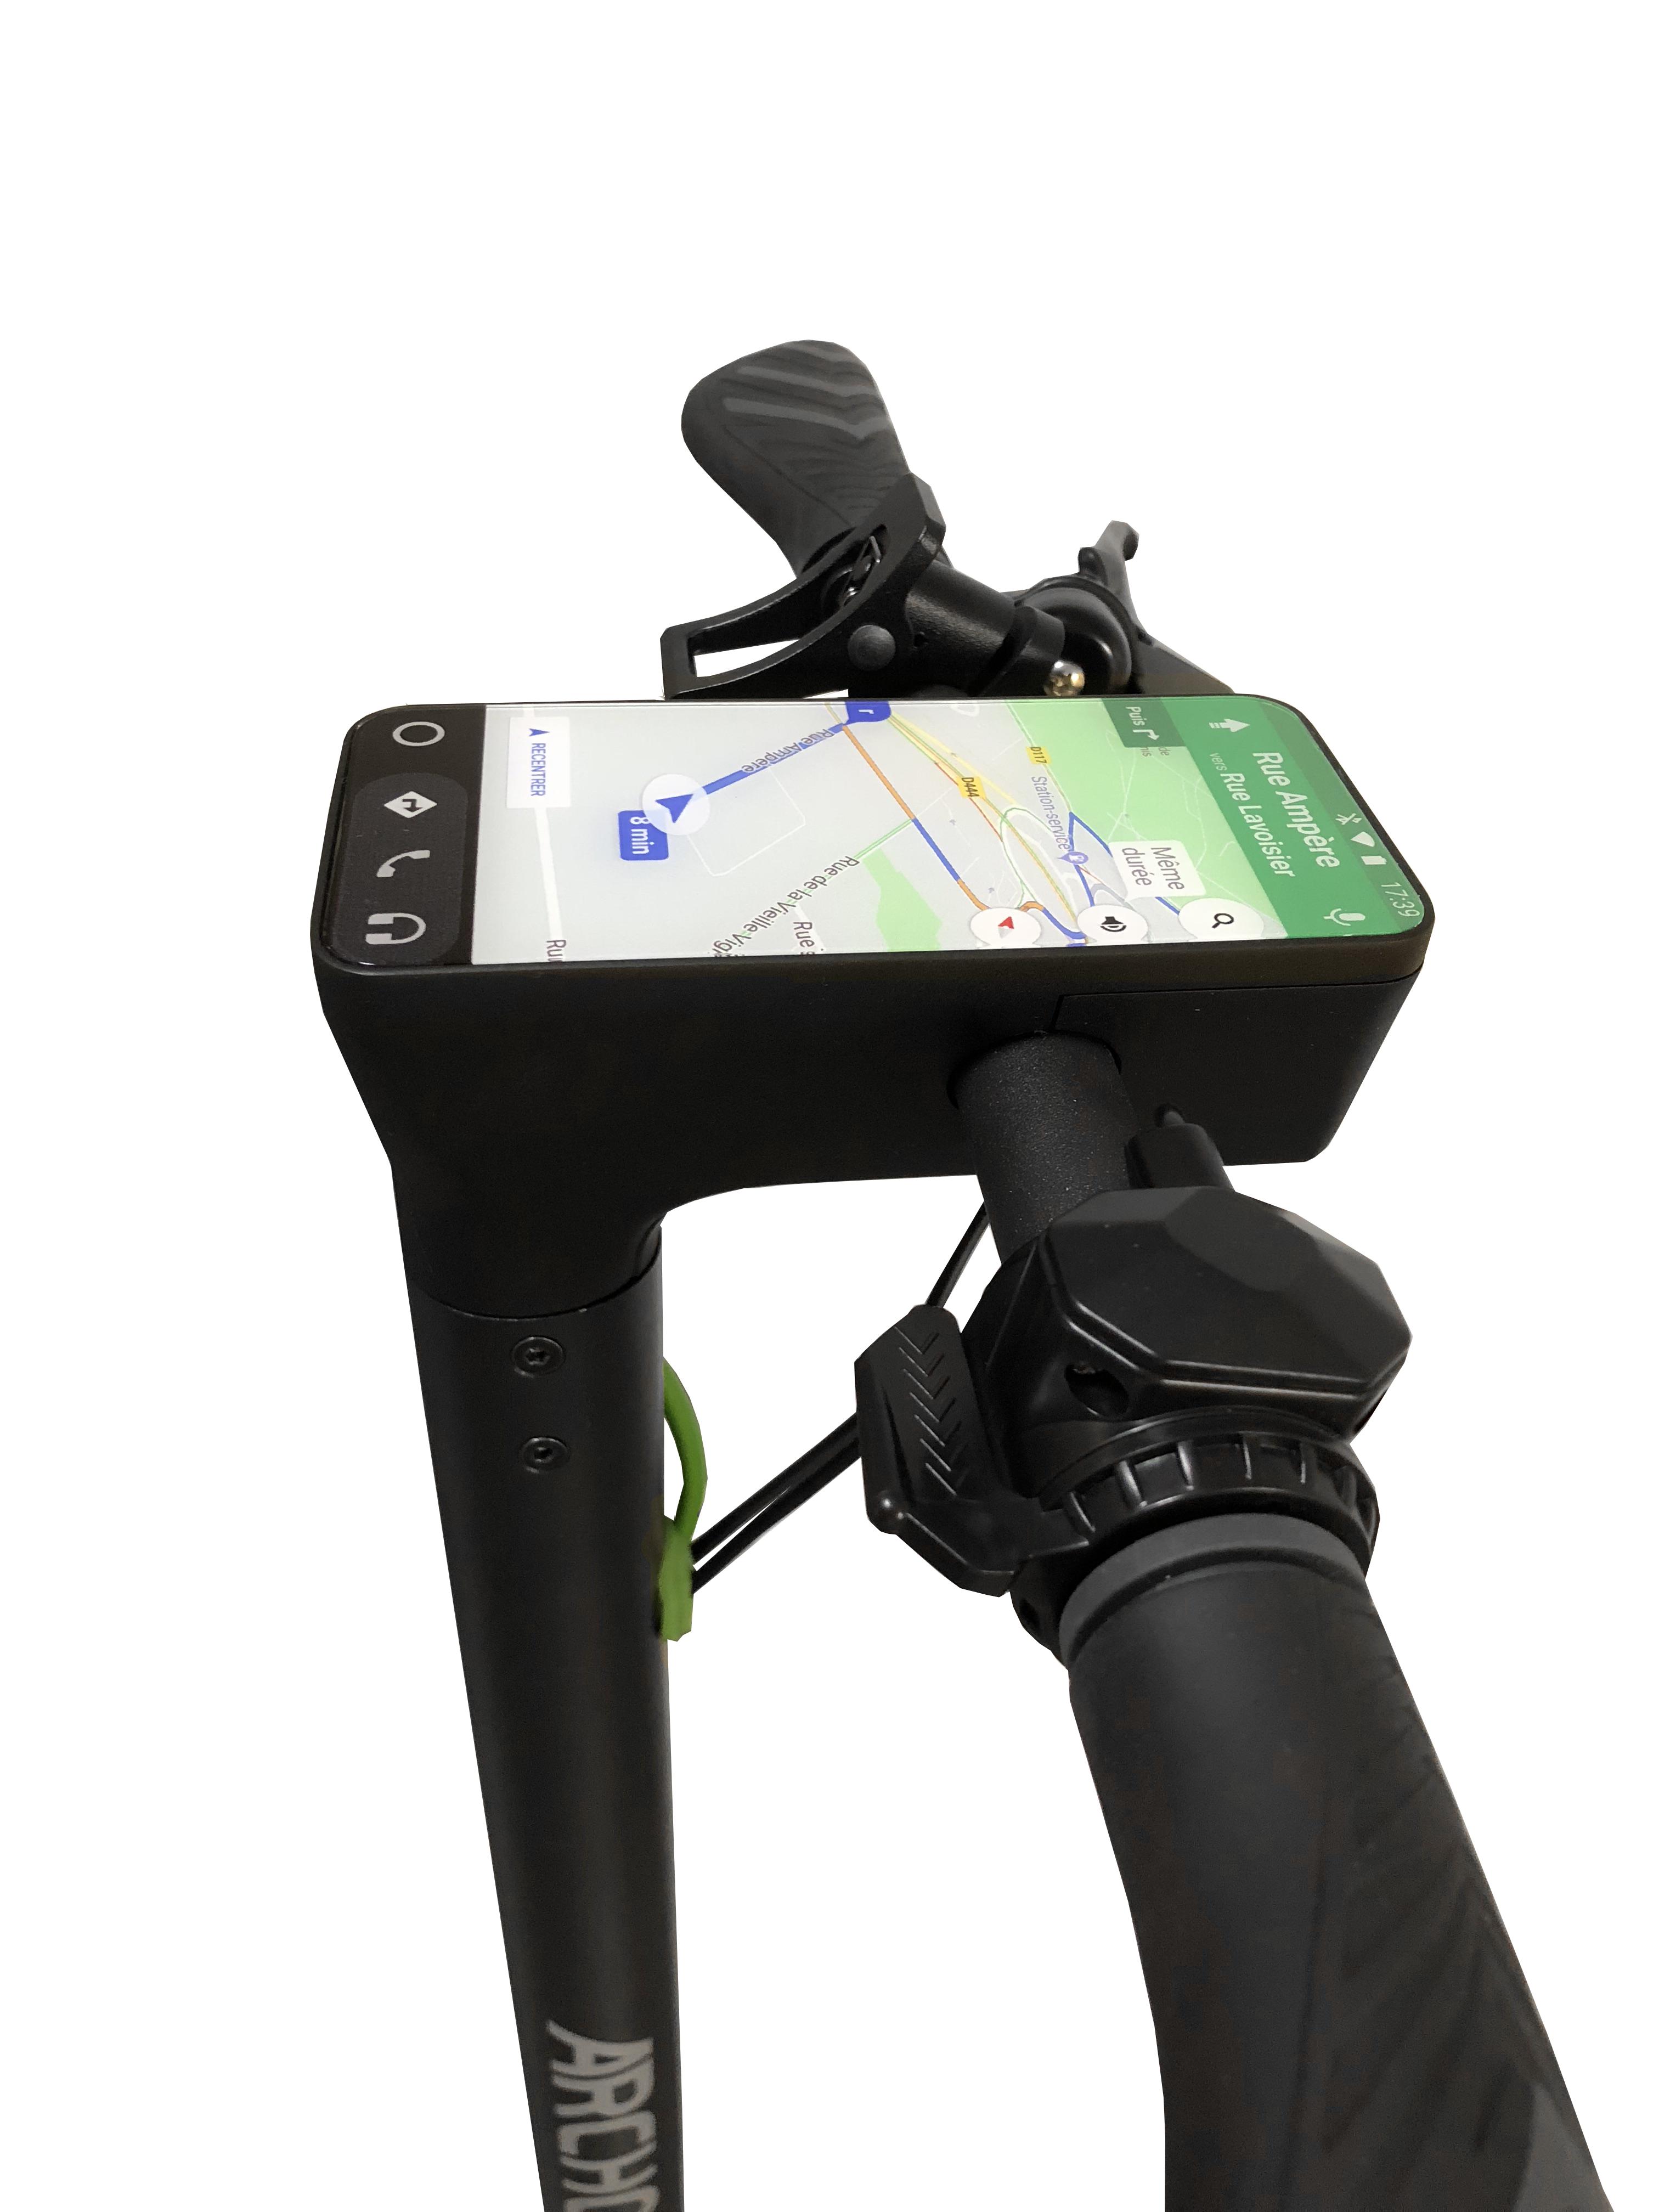 Archos представила самокат на базе Android